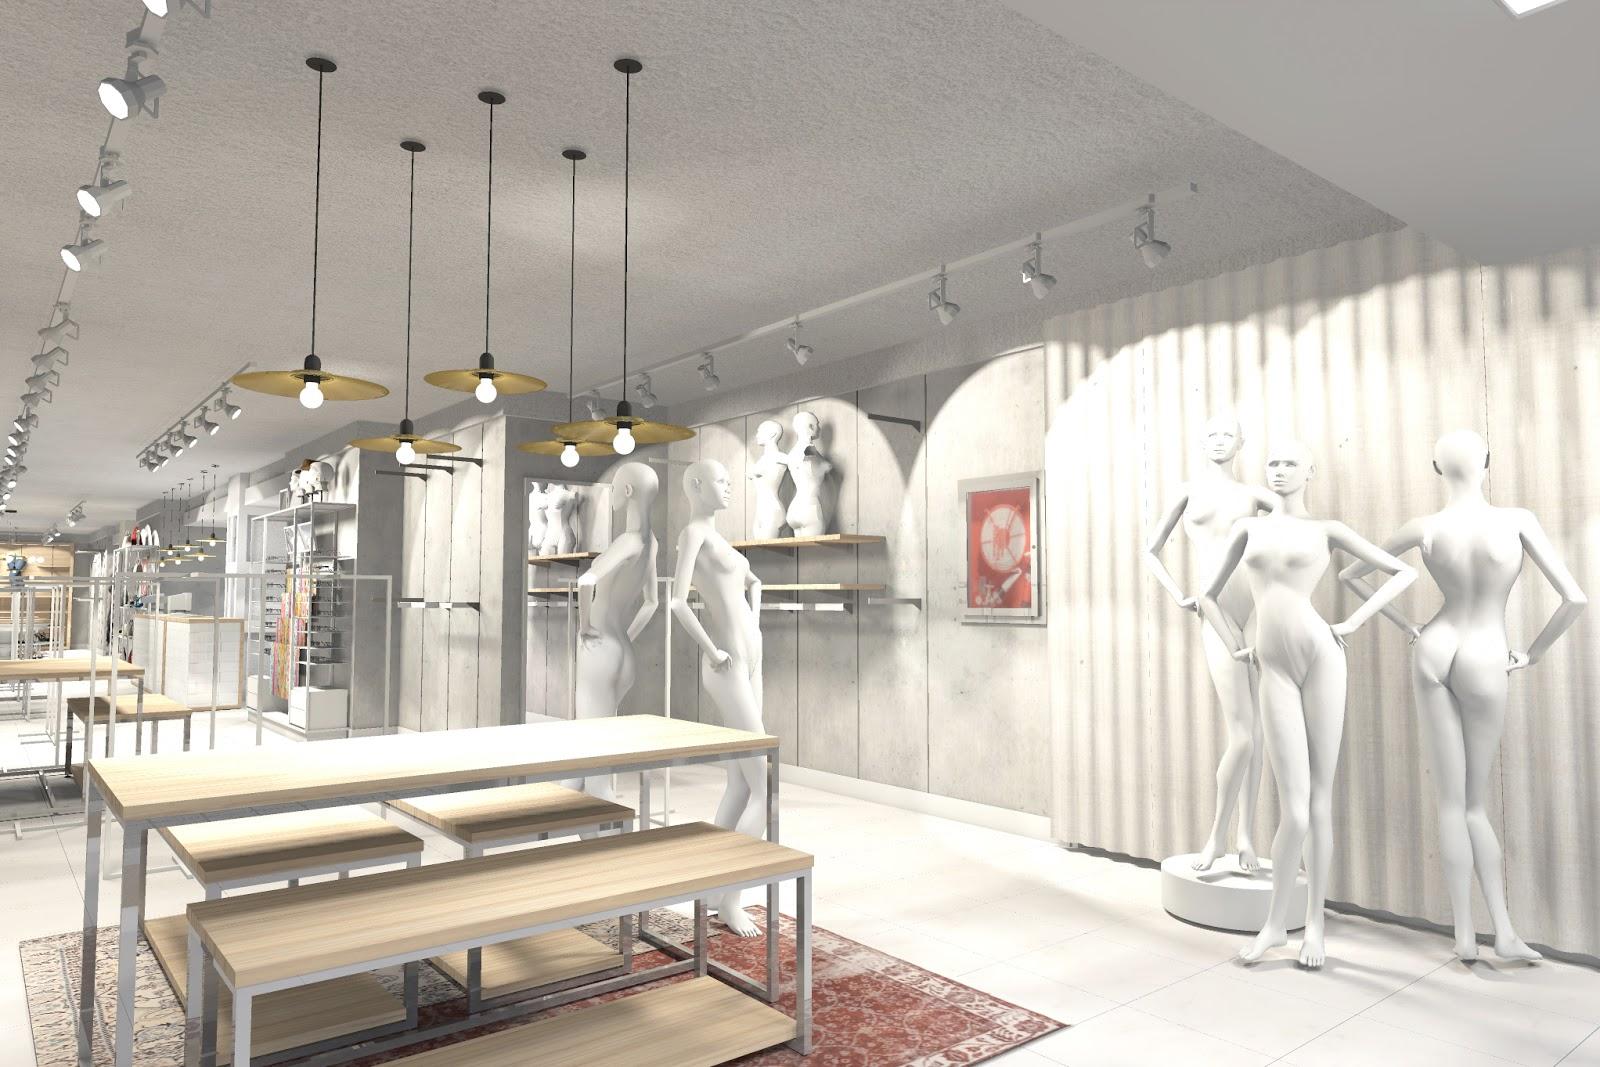 Inshop interiores comerciales merino 39 s tienda de ropa for Oficinas comerciales en el exterior